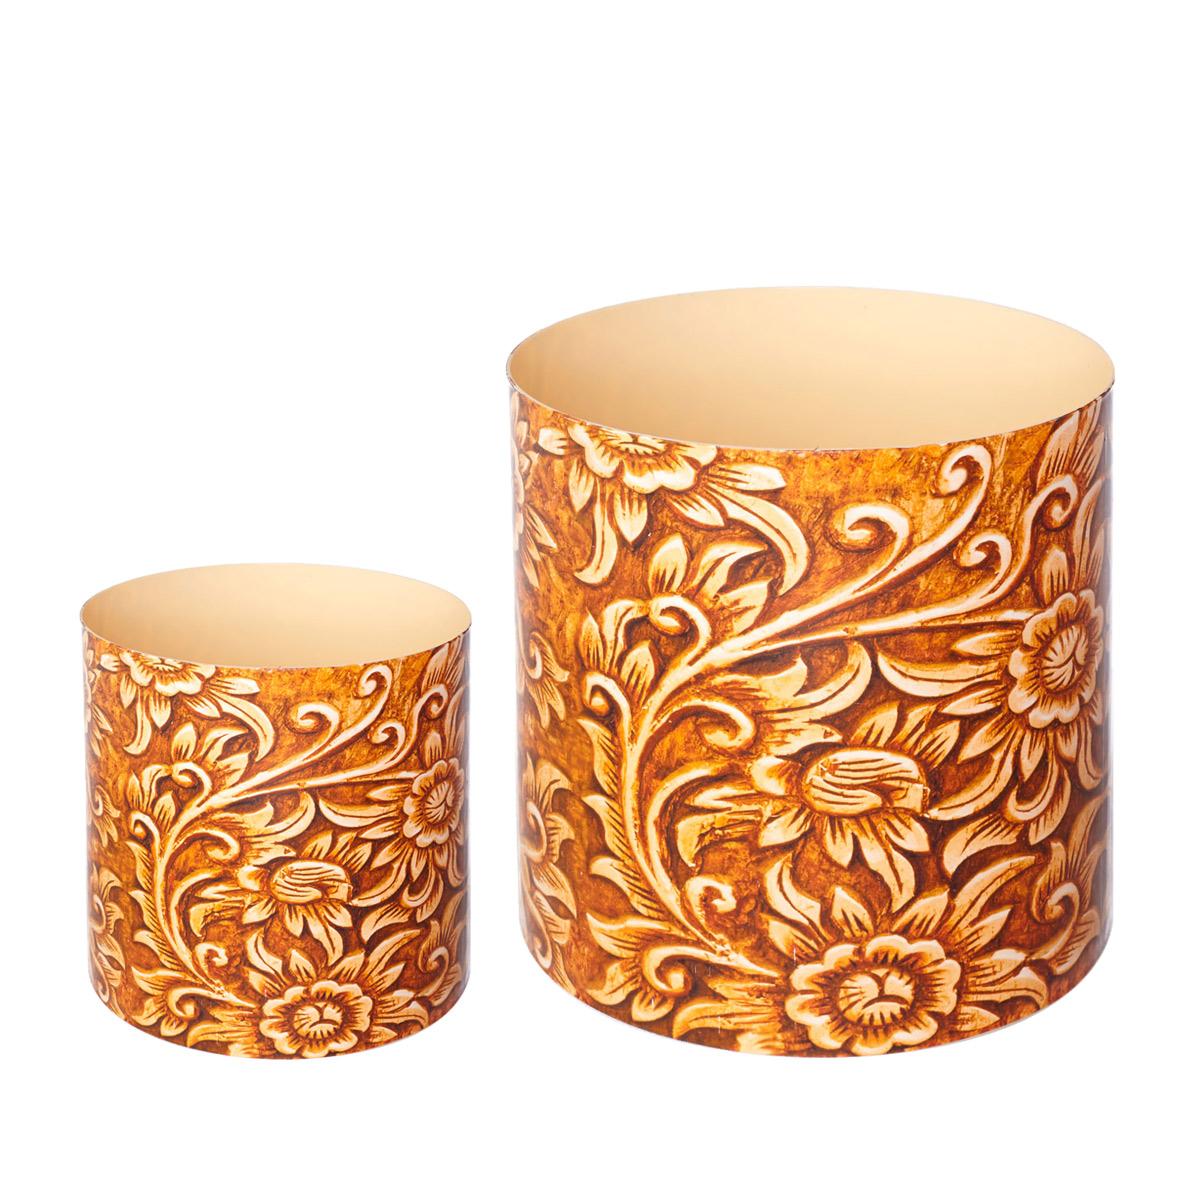 Набор горшков для цветов Miolla Резное дерево, со скрытым поддоном, 2 штZ-0307Набор Miolla Резное дерево состоит из 2 декоративных горшков для цветов разного объема. Горшки выполнены из прочного полипропилена c 3D рисунком. Хорошо будут смотреться как основа для топиариев и флористических композиций. Также замечательно подходят для комнатных цветов. Горшки снабжены скрытым поддоном. Объем горшков: 1,7 л, 5,1 л.